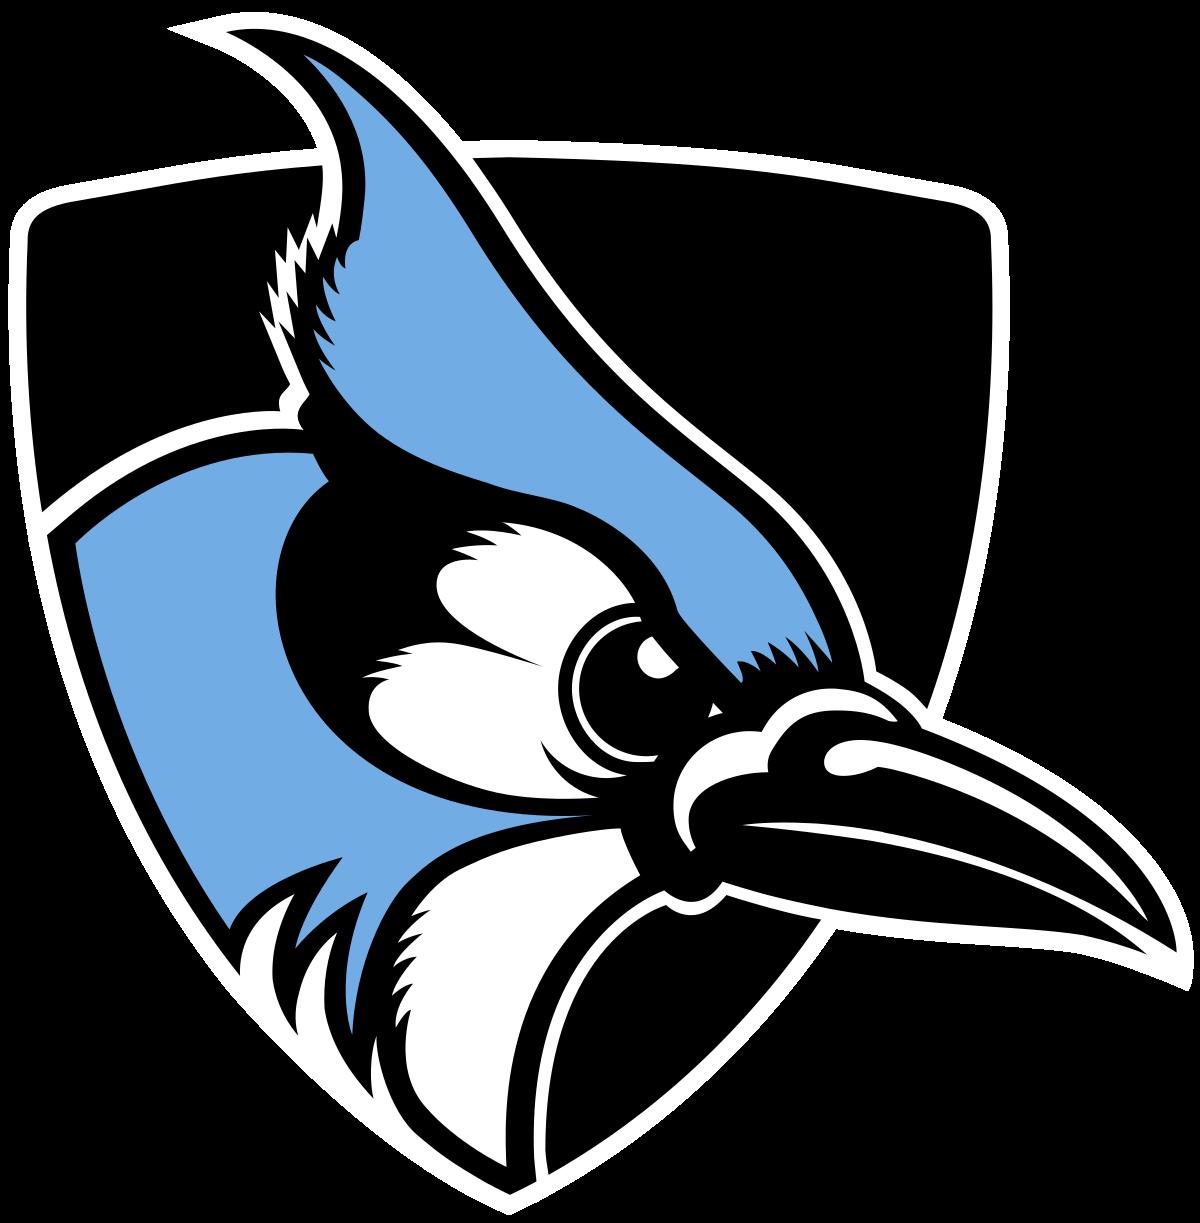 banner download Johns Hopkins Blue Jays